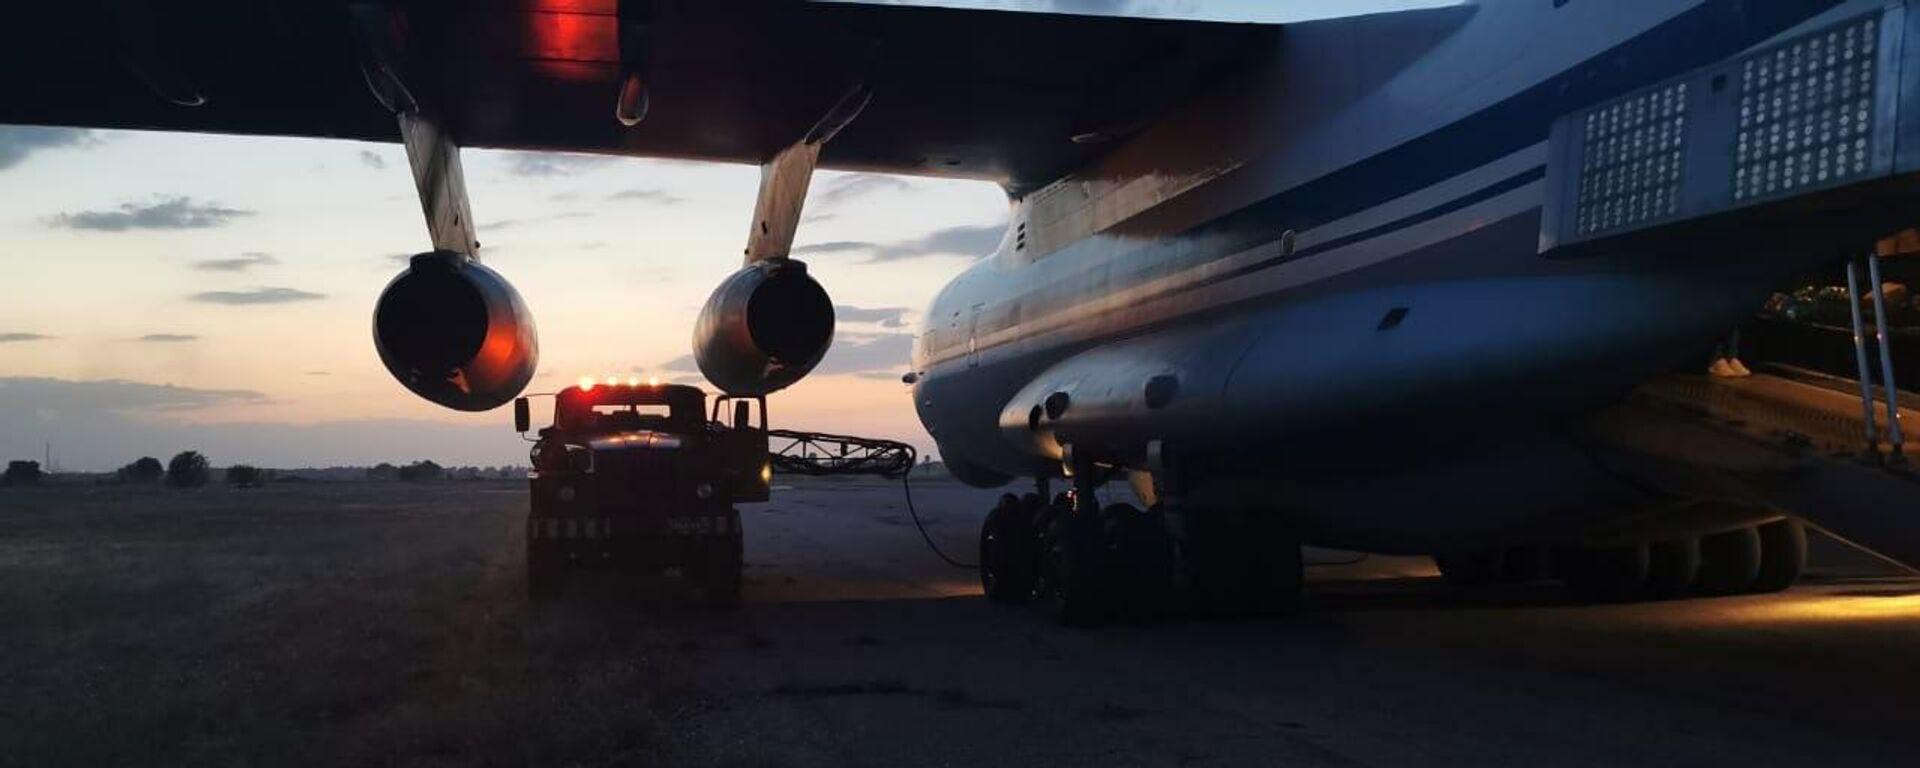 Zapravka toplivom gruzovogo samoleta Il-76MD vo vremya evakuatsii grajdan RF iz Afganistana. - Sputnik Oʻzbekiston, 1920, 25.08.2021